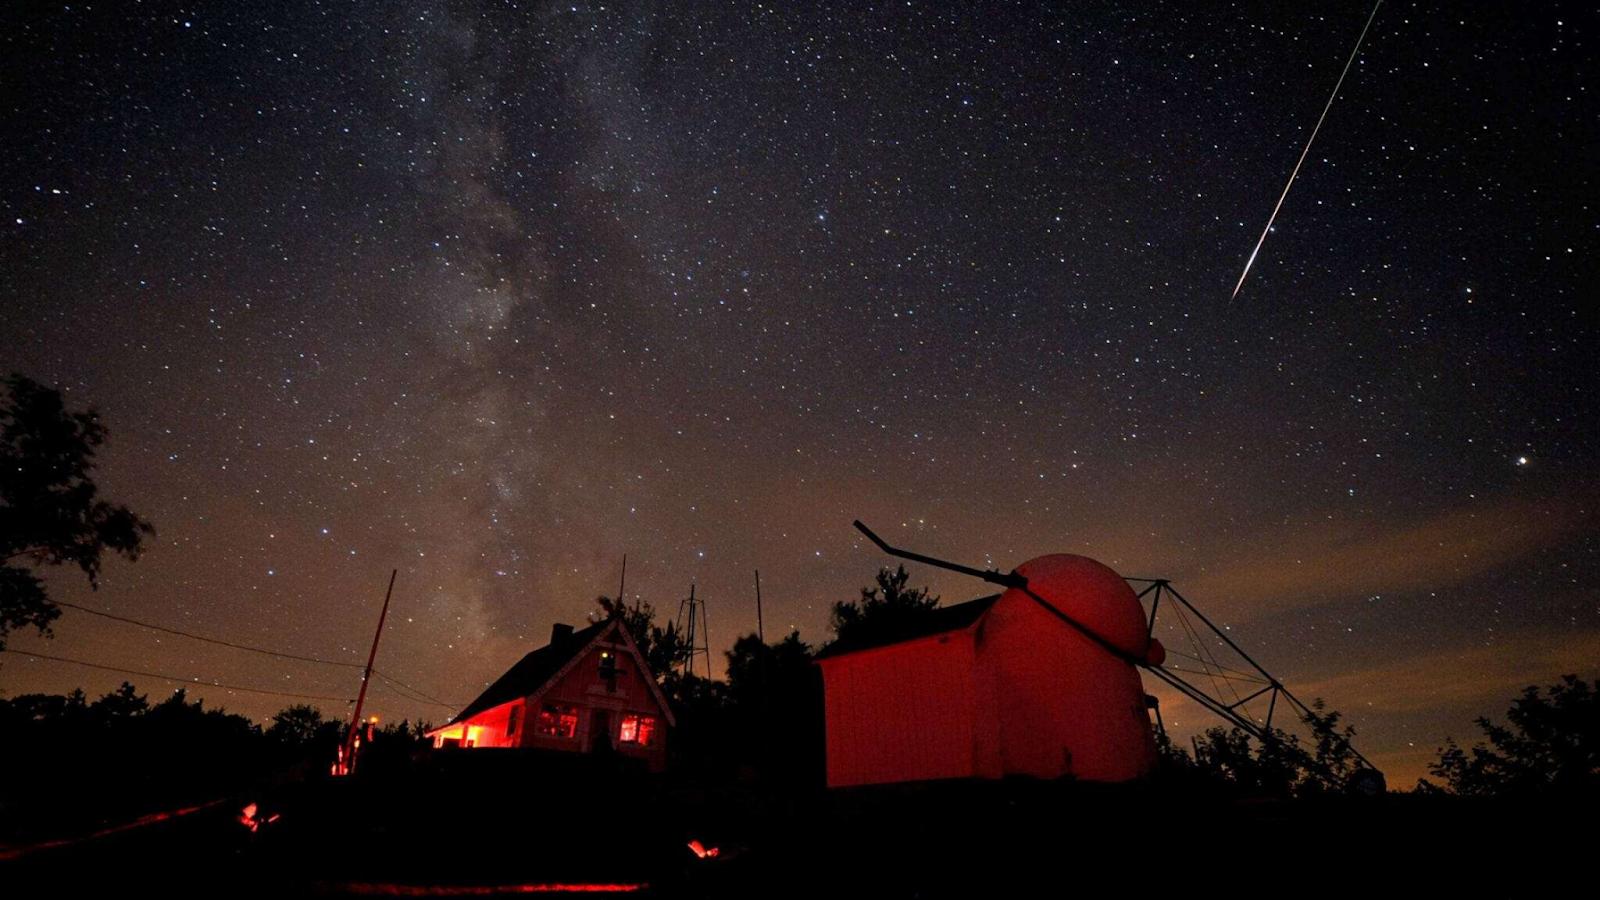 perseid meteor shower peak time